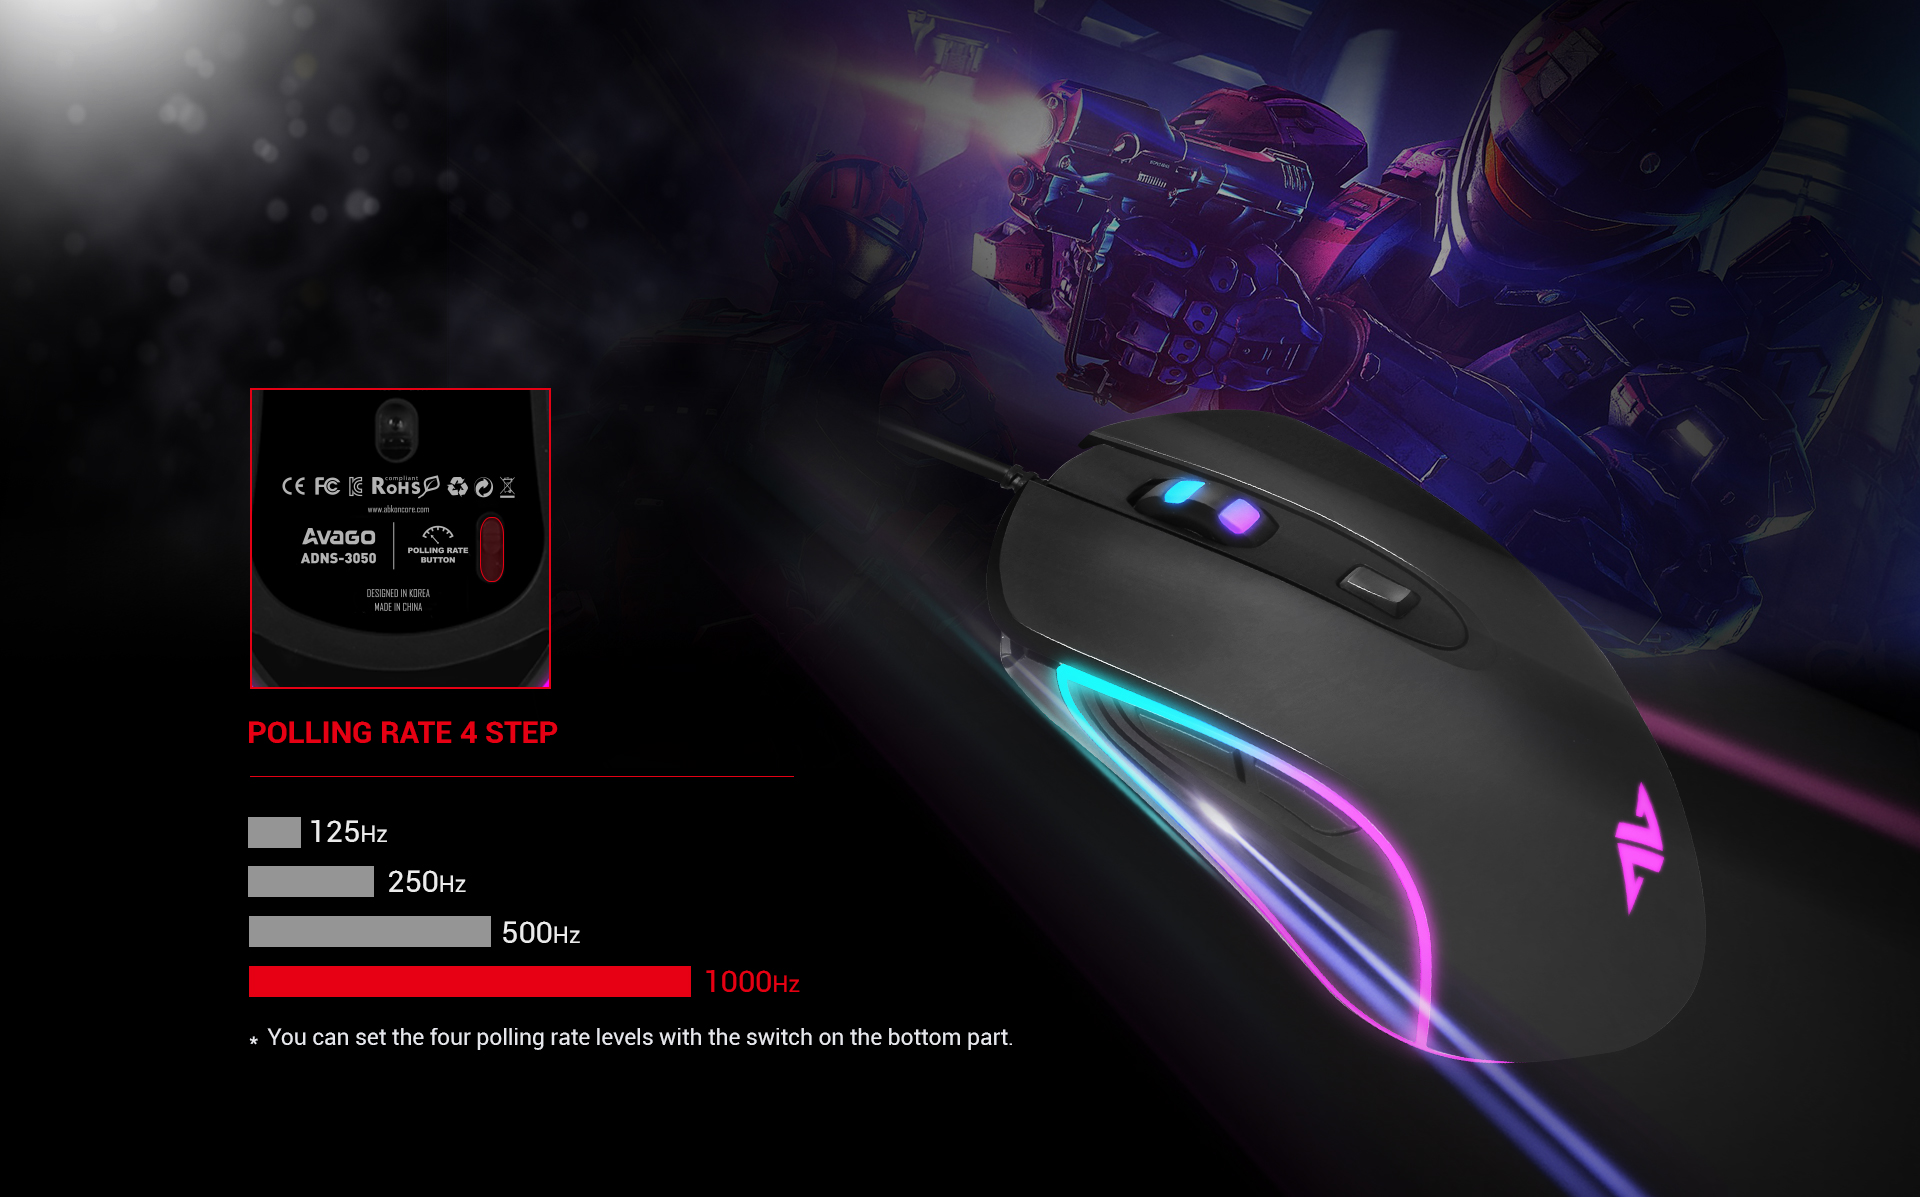 Ratón Gaming Astra M30 imagen descripción 4 niveles de ajuste